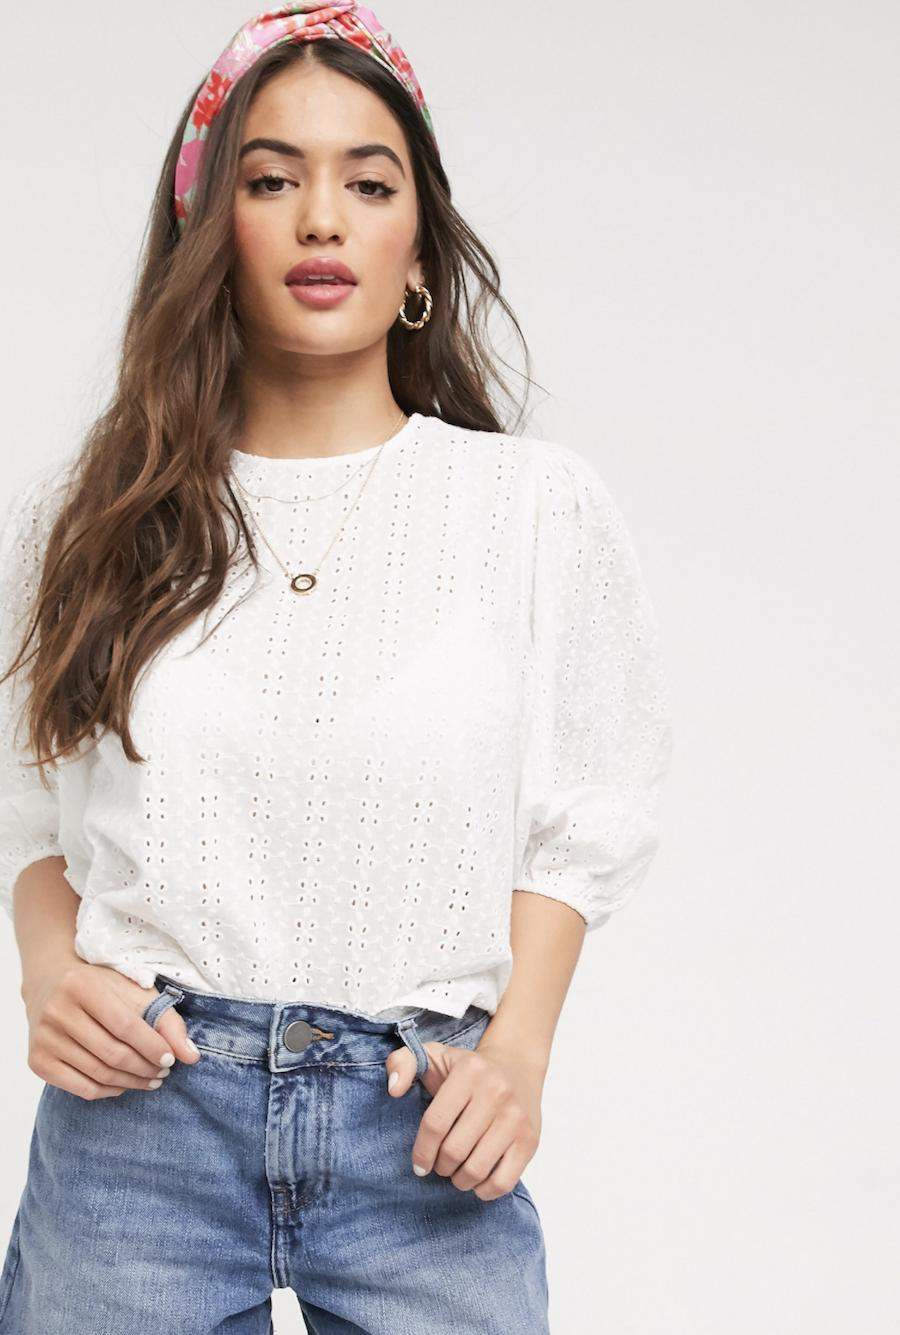 Blusa con bordado inglés blanco y manga abullonada de New Look